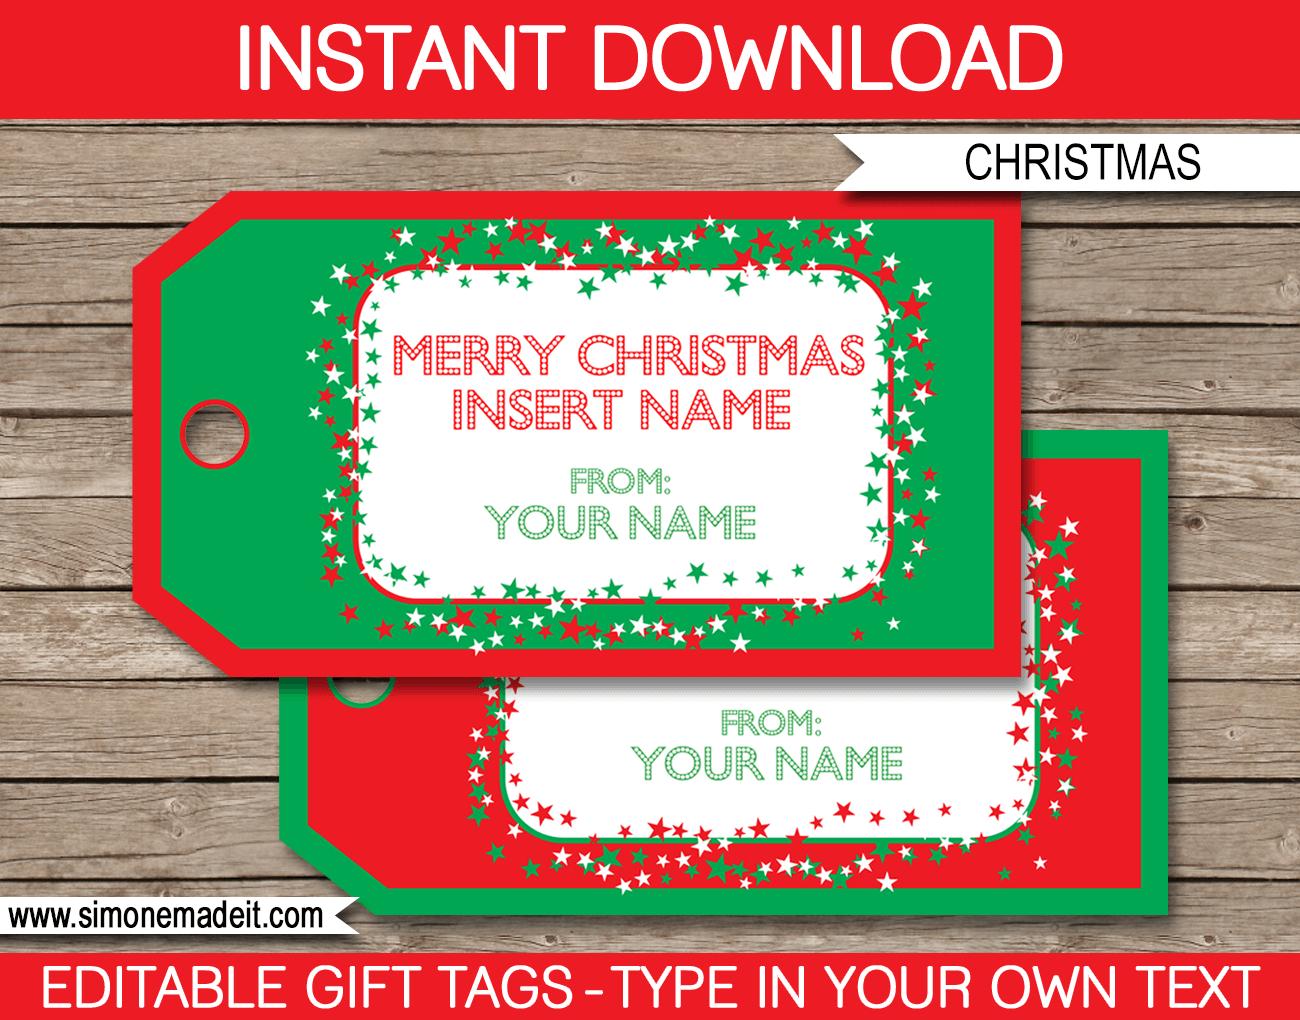 Christmas Gift Tag Template | Printable Christmas Gift Tags - Free Printable Editable Christmas Gift Tags